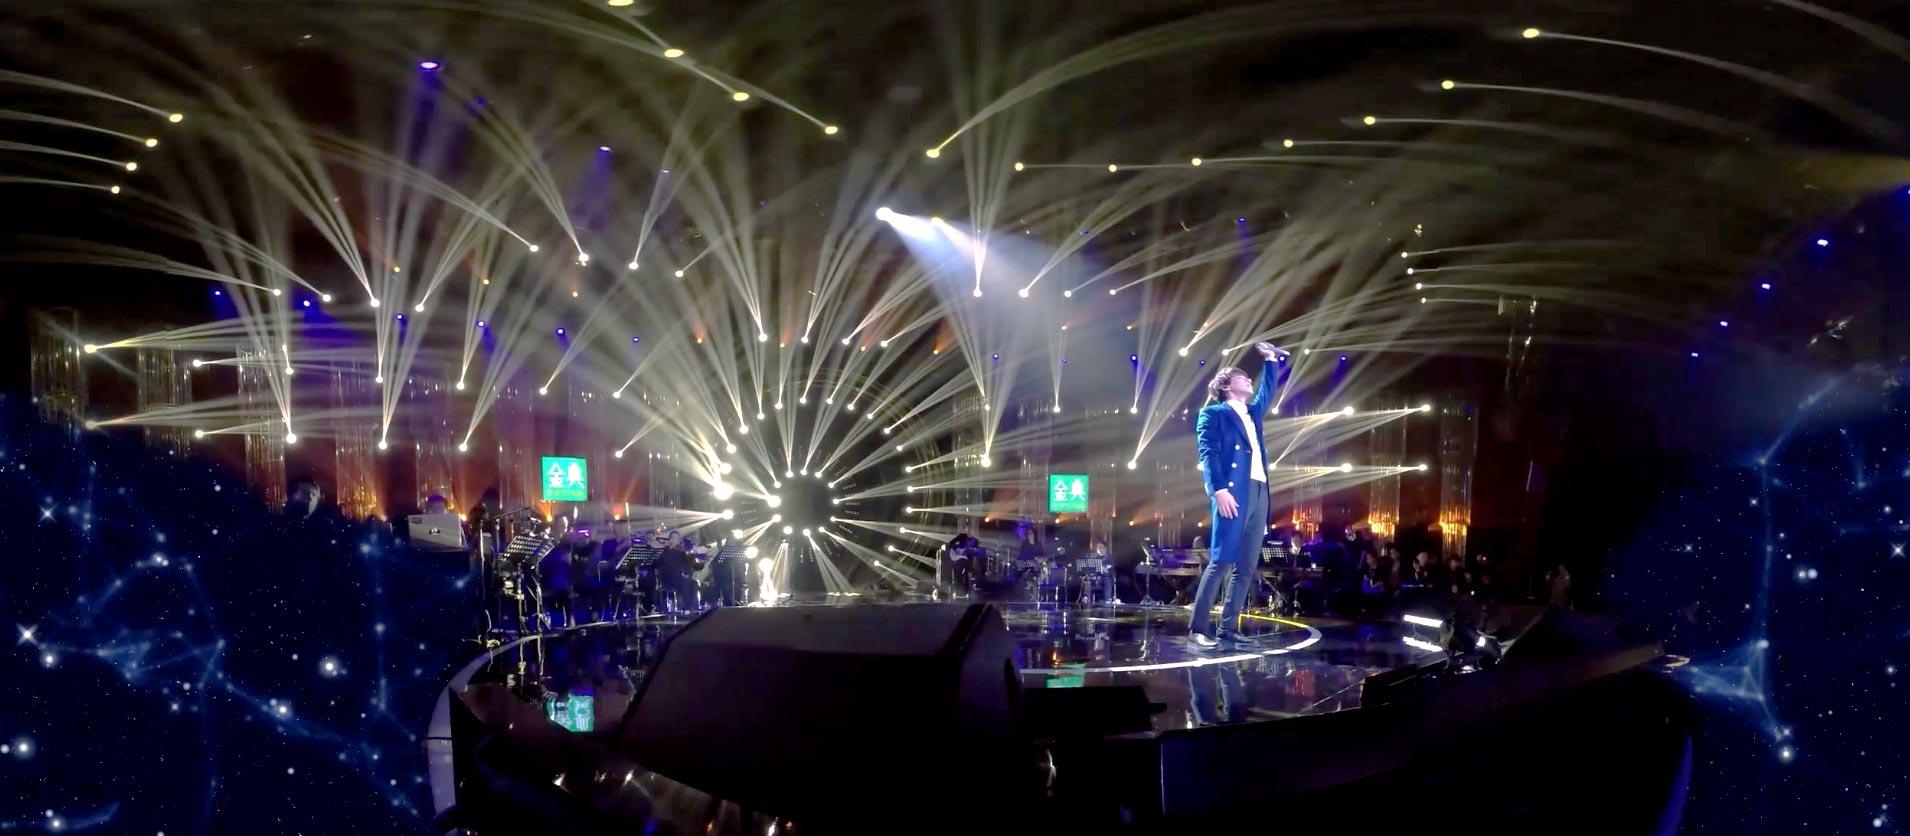 媒体新闻滚动_搜狐资讯    《我是歌手》与米多娱乐高调联手,在米多